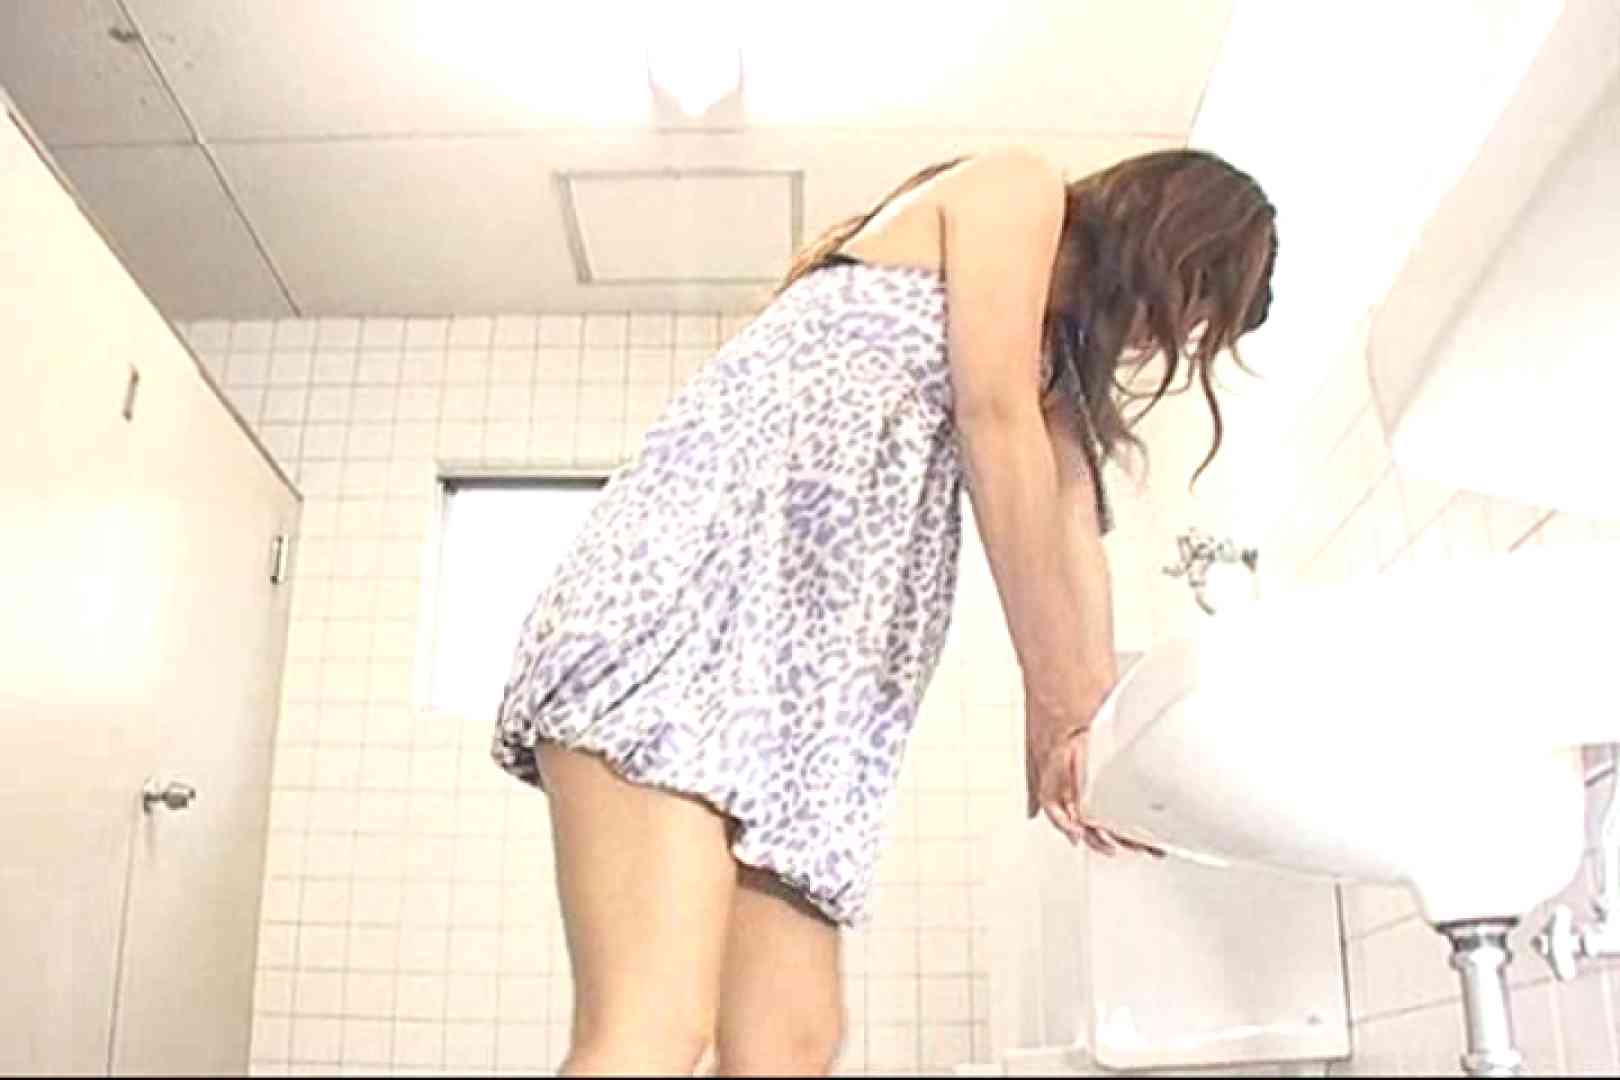 雑居ビル洗面所只今使用禁止中!Vol.4 ギャルのエロ動画 | エロティックなOL  82画像 53